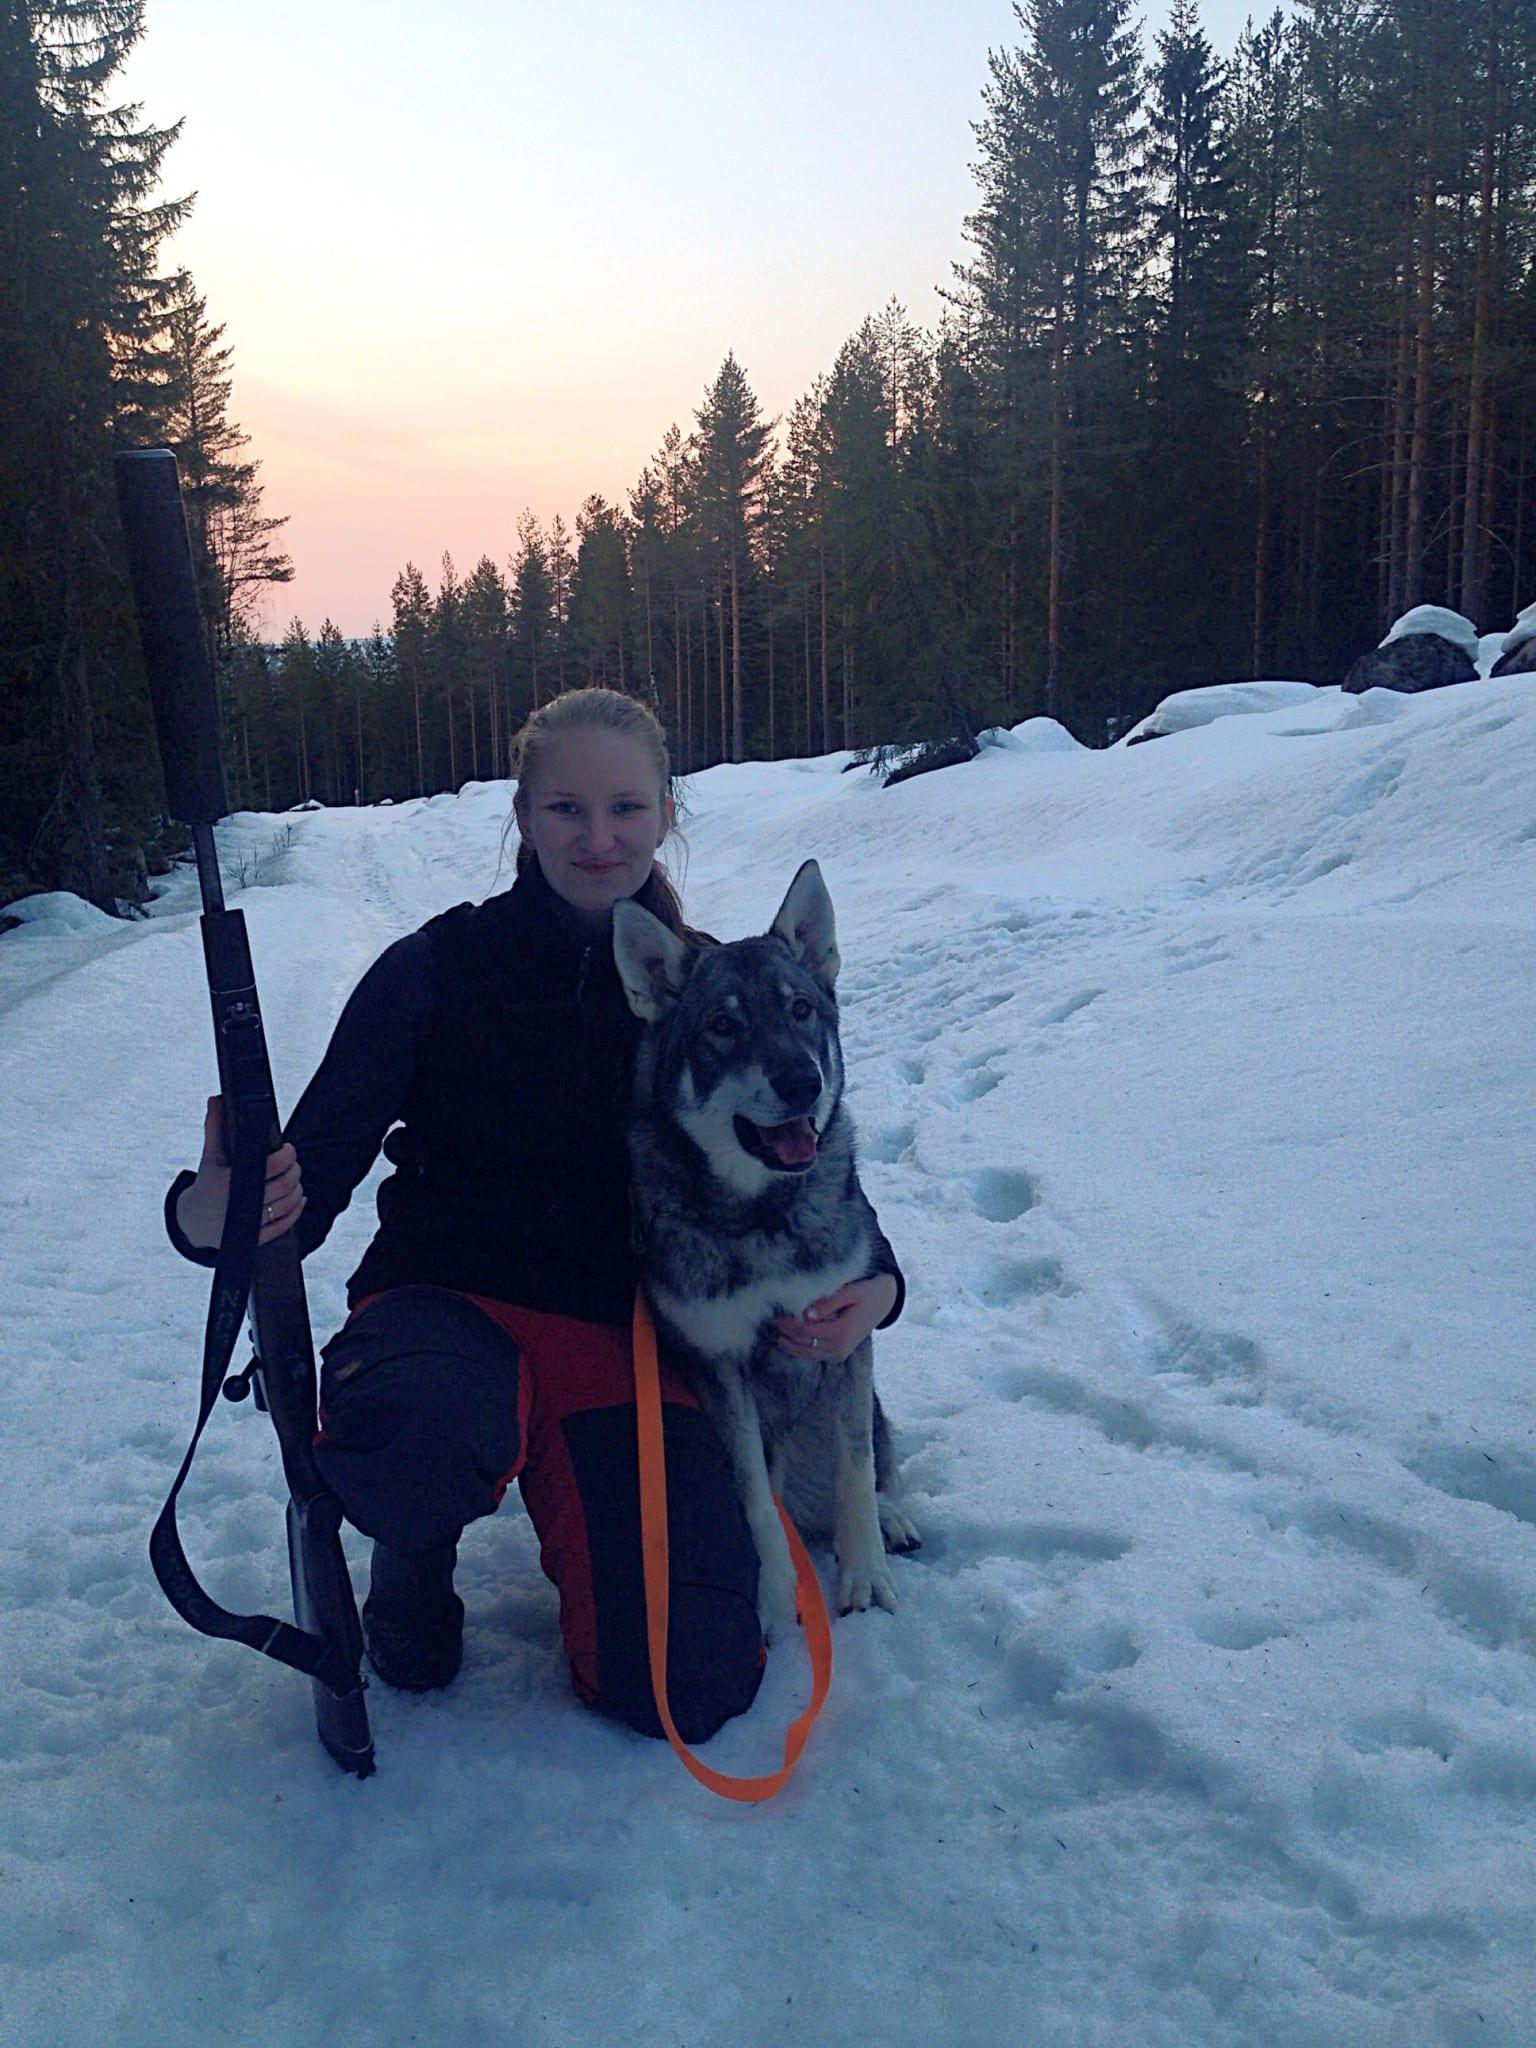 Emelie Runelid är en av pangbrudarna som ska tävla i Kretskampen. Foto: Emelie Runelid